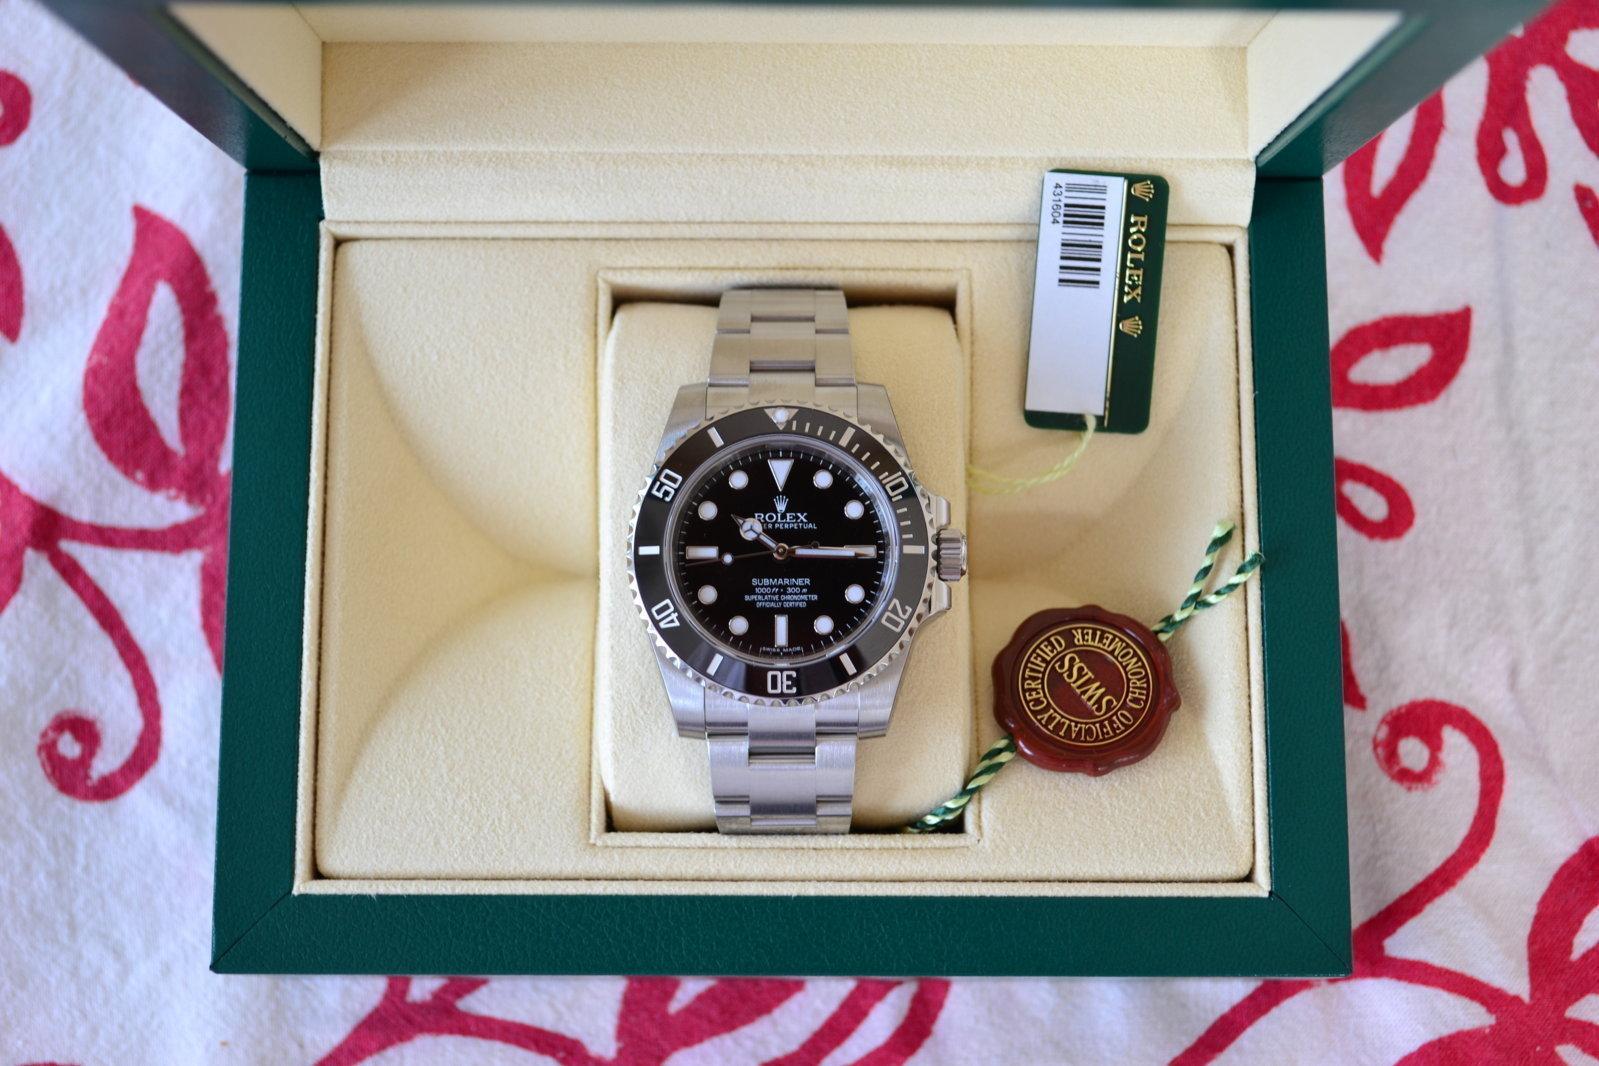 114060 i box.JPG